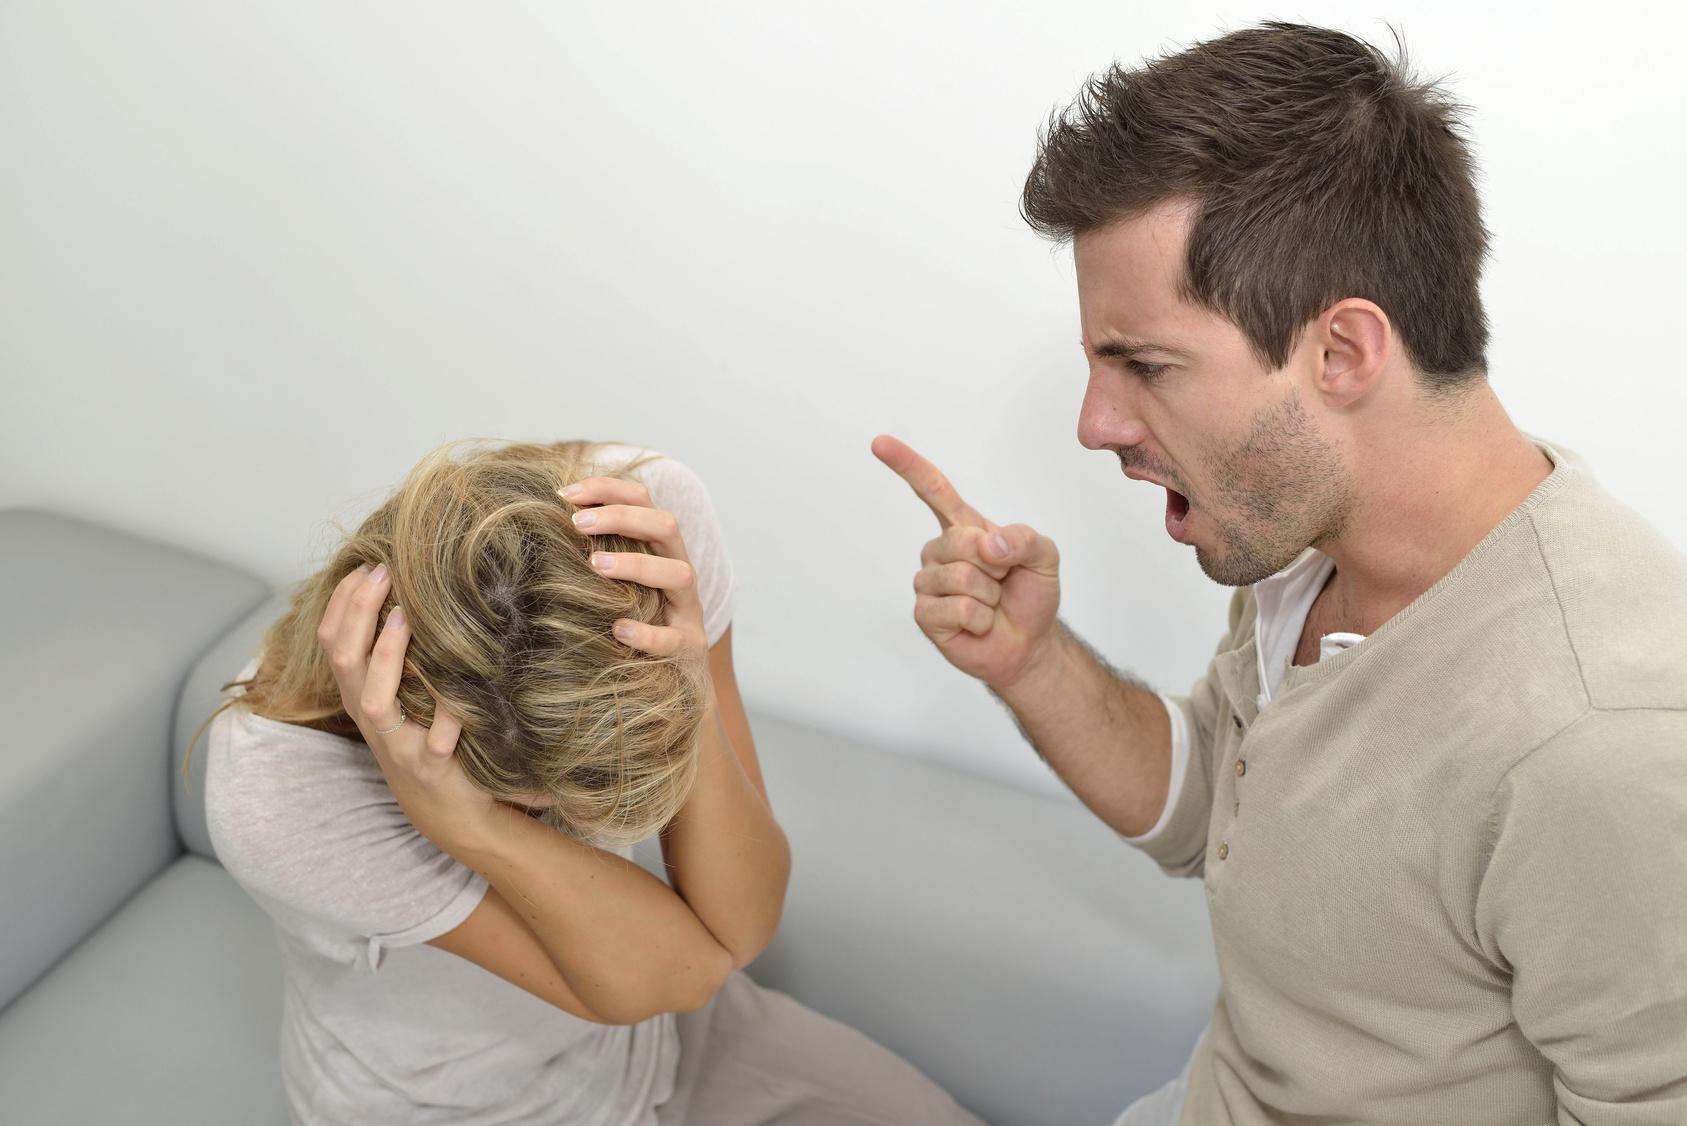 При манипуляциях спасатель становится агрессором, проявляет злость и физическое насилие